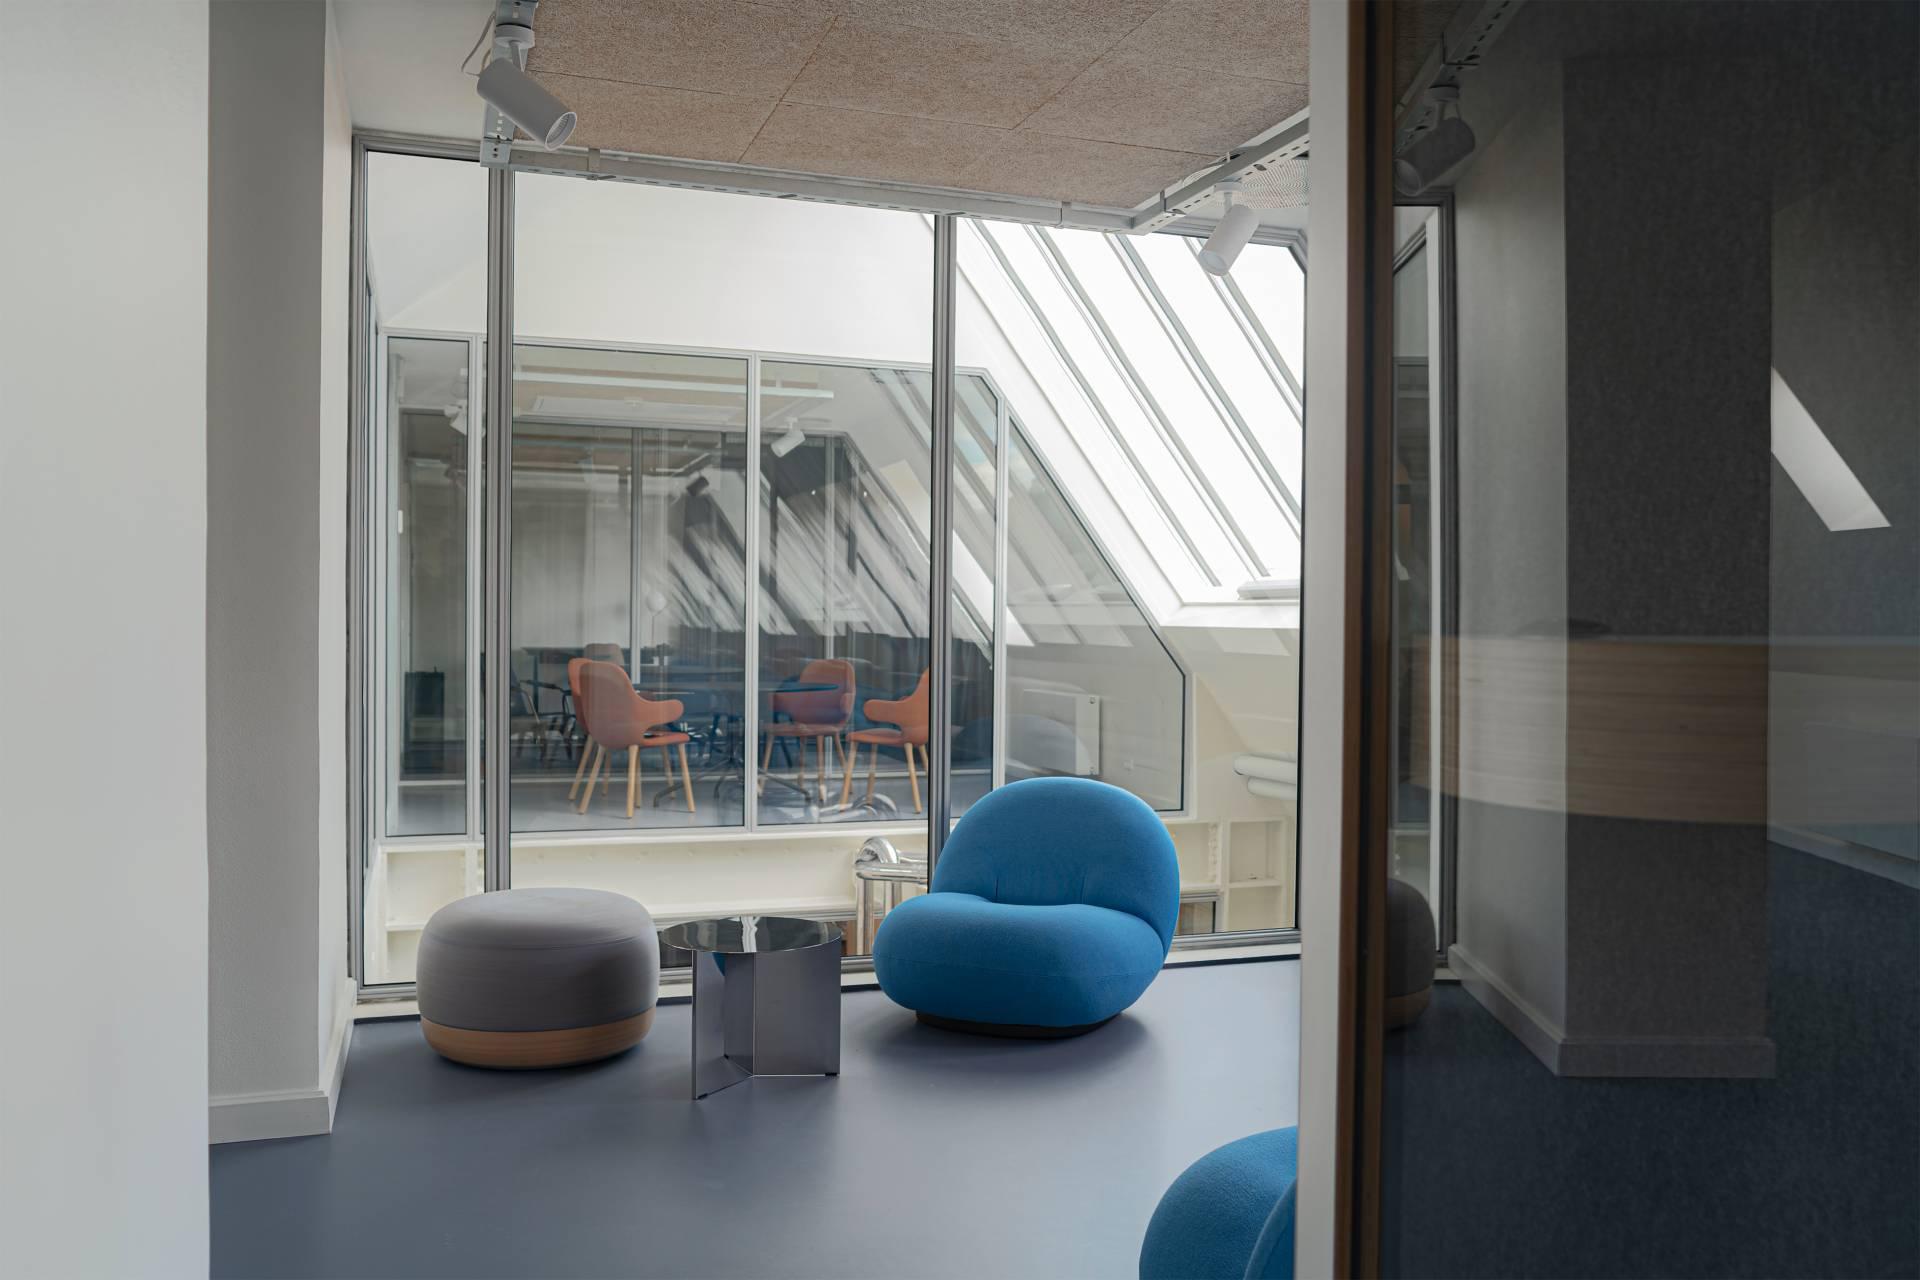 Station - interiør, Bertelsen og Scheving Arkitekter, Restaurering